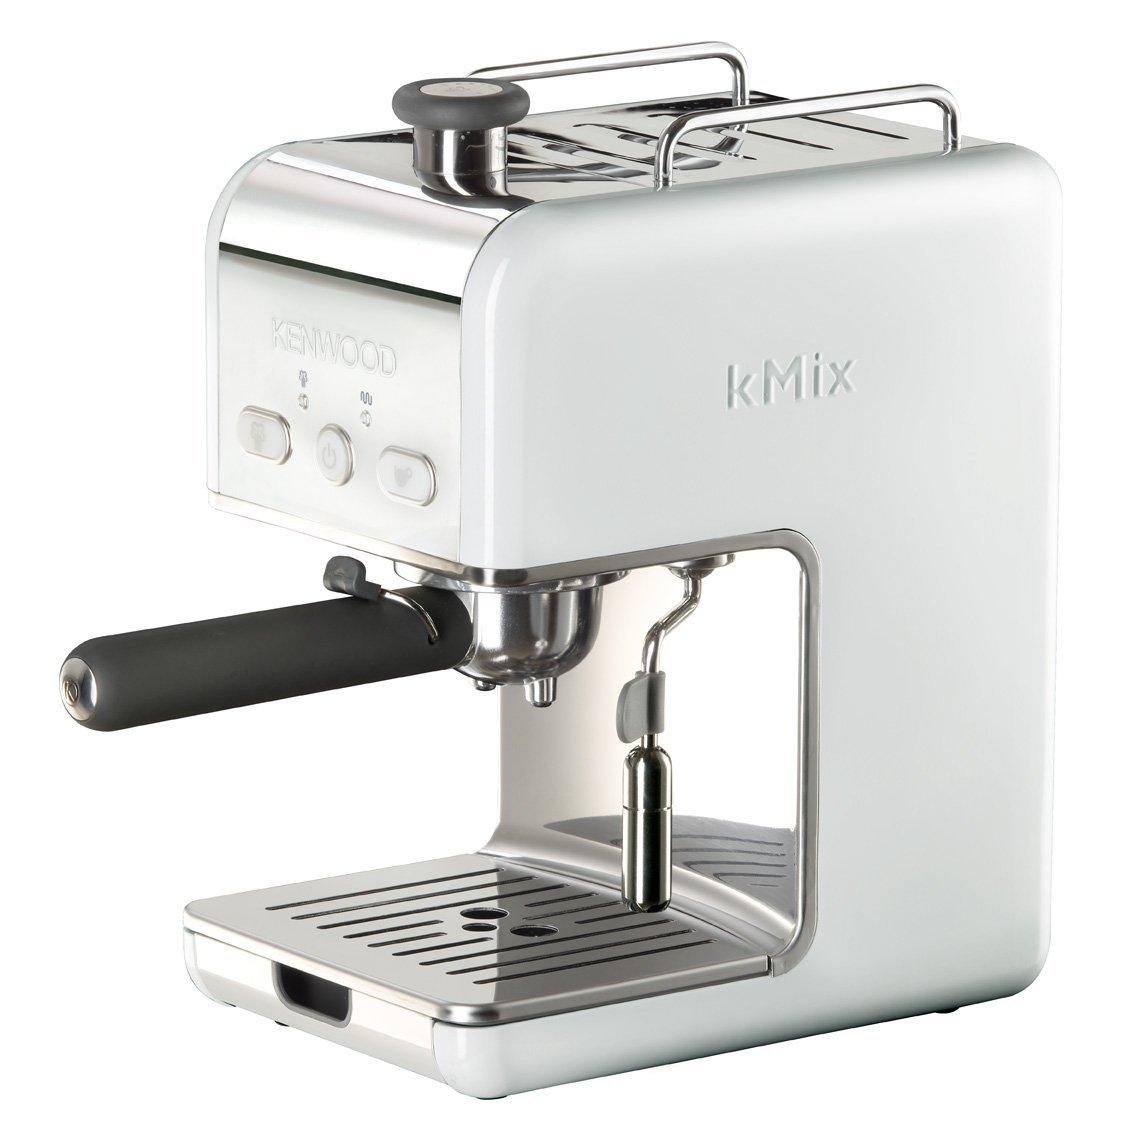 espresso maschine die besten 5 in unserem espresso vergleich. Black Bedroom Furniture Sets. Home Design Ideas